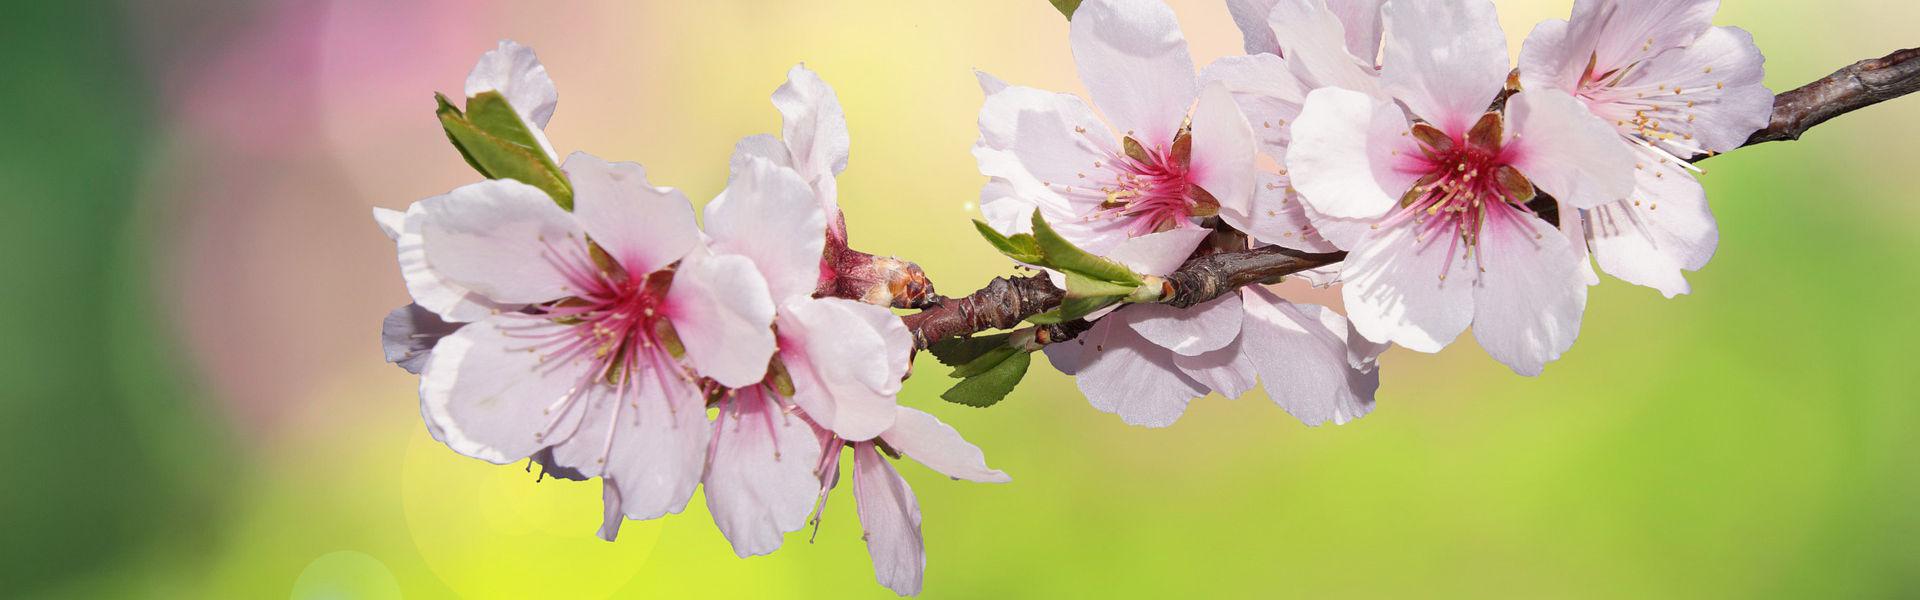 duftende Frühlingsblüte Kirsche